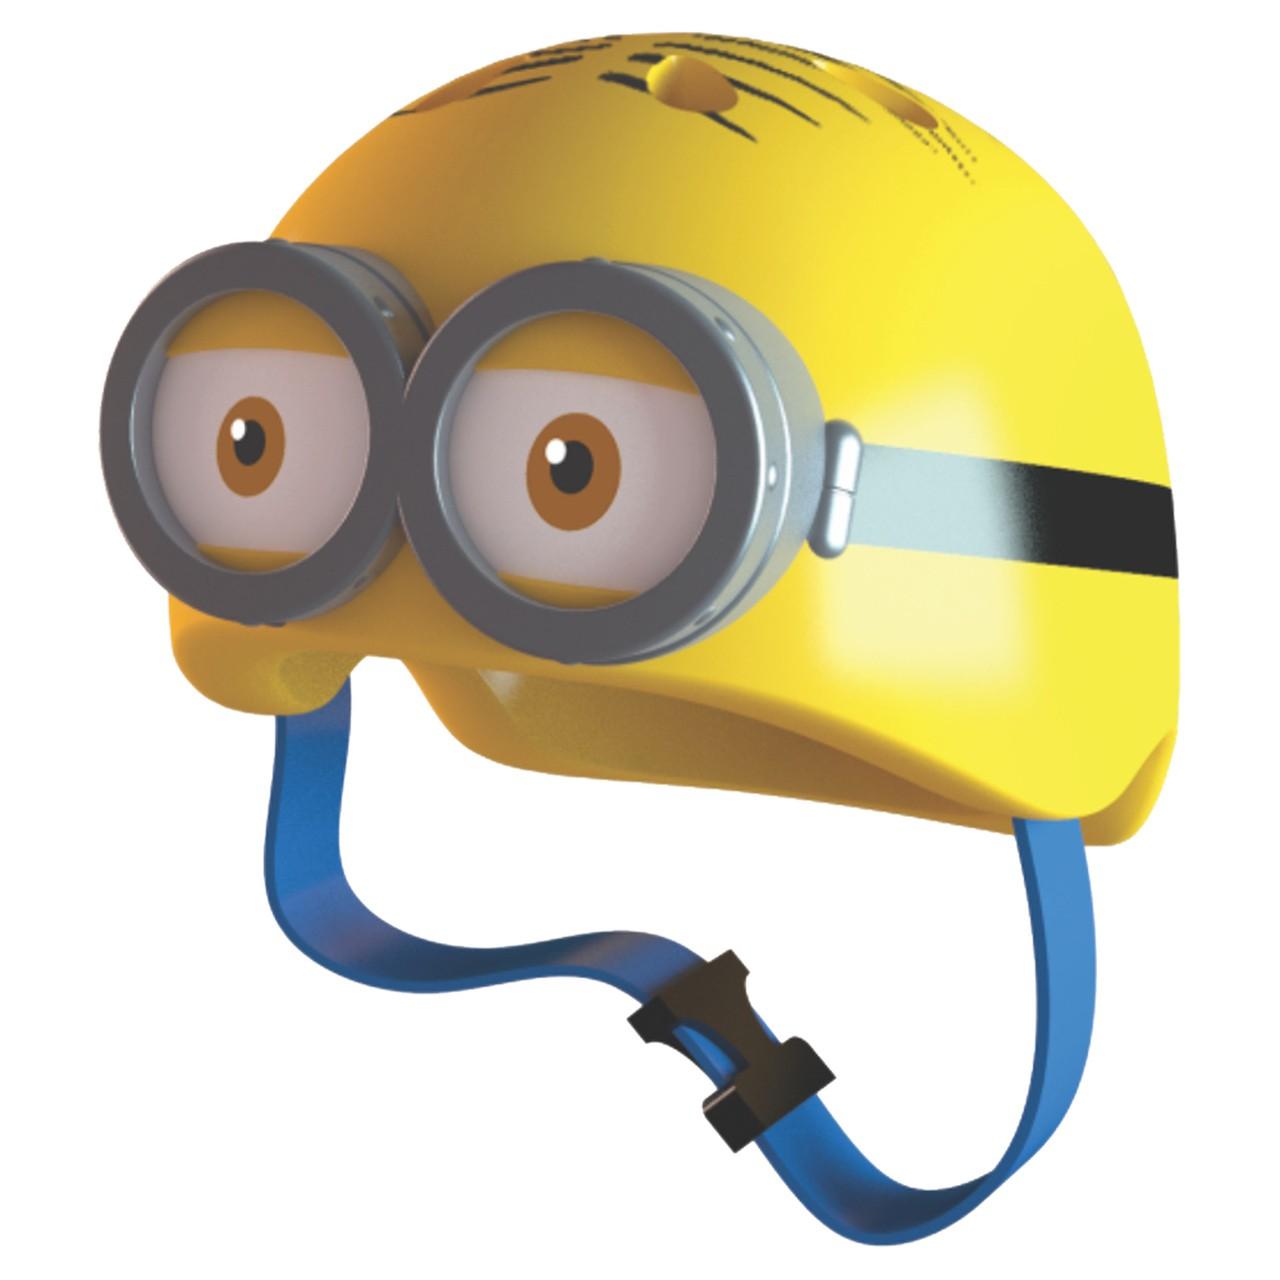 Capacete Infantil Minions? Double Eye com Olhos 3D